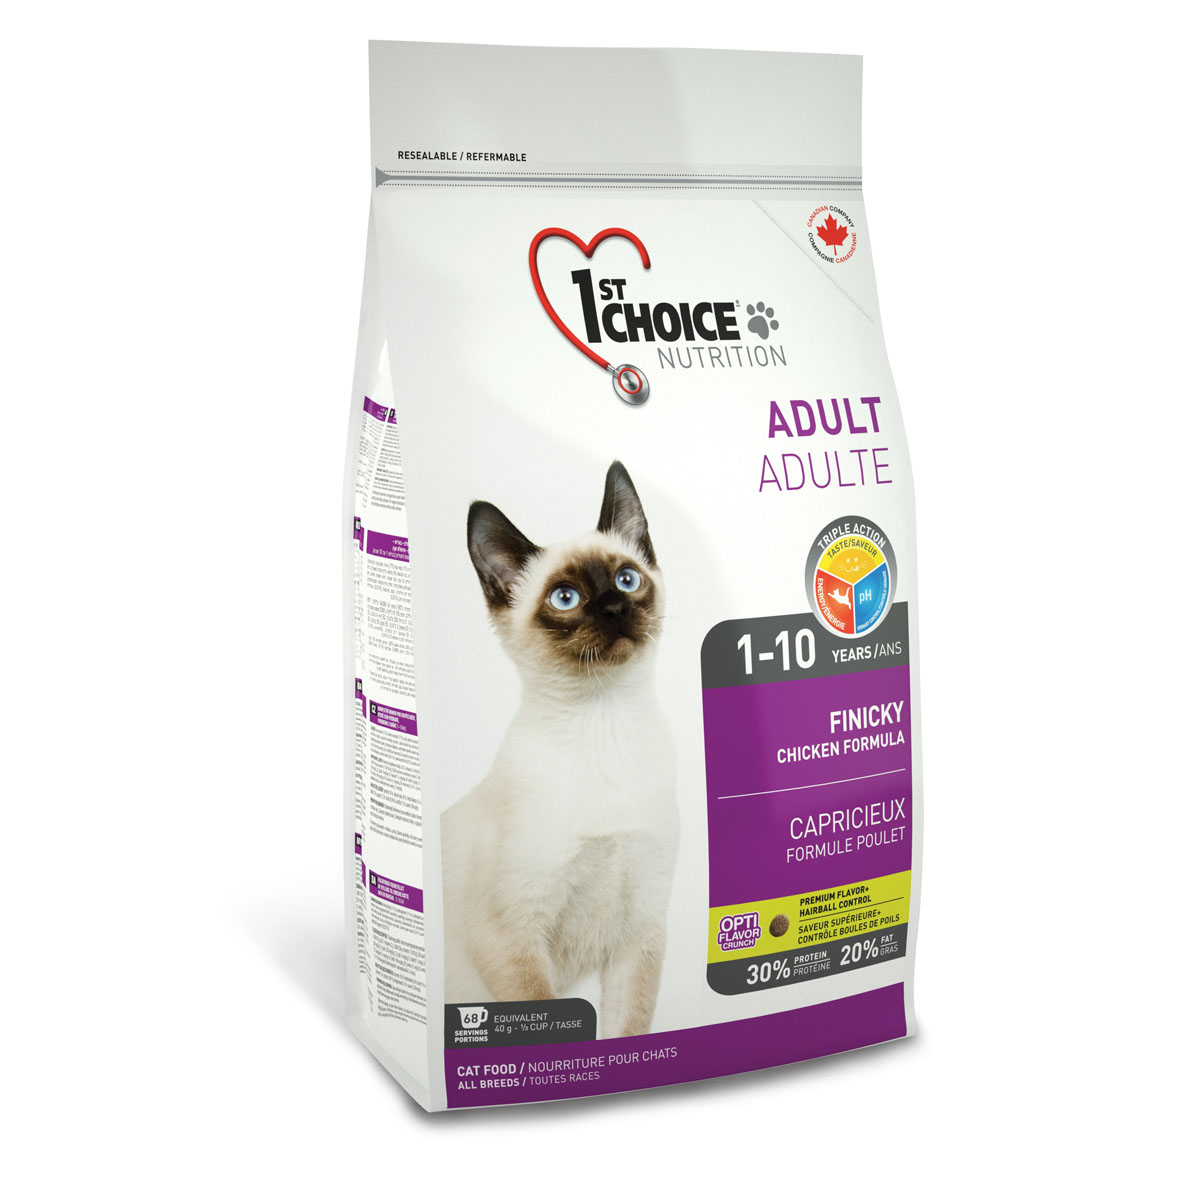 Корм сухой 1st Choice Adult для взрослых привередливых кошек, с курицей, 2,72 кг56672Сухой корм 1st Choice Adult специально создан для привередливых взрослых кошек с нормальной активностью и избирательным вкусом. Свежая курица и сельдь понравится самым привередливым в еде кошкам. Идеальное сочетание белков, жиров и углеводов обеспечивает максимально доступной энергией. Правильный рН-баланс помогает поддерживать здоровье мочевыделительной системы. Ингредиенты: свежая курица 17%, мука из мяса курицы 17%, рис, куриный жир, сохраненный смесью натуральных токоферолов витамин Е, гороховый протеин, коричневый рис, мука из сельди, сушеное яйцо, мякоть свеклы, специально обработанные ядра ячменя и овса, гидролизат куриной печени, клетчатка гороха, цельное семя льна, сушеная мякоть томата, жир лосося, калия хлорид, лецитин, холина хлорид, соль, кальция пропионат, натрия бисульфат, кальция карбонат, таурин, DL-метионин, L-лизин, экстракт дрожжей, железа сульфат, аскорбиновая кислота (витамин С), экстракт цикория, цинка оксид, натрия селенит, альфа-токоферол ацетат (витамин Е), никотиновая кислота, экстракт юкки Шидигера, кальция иодат, марганца оксид, D-кальция пантотенат, тиамина мононитрат, рибофлавин, пиридоксина гидрохлорид, витамин А, холекальциферол (витамин Д3), биотин, сушеная мята 0,01%, сушеная петрушка 0,01%, экстракт зеленого чая 0,01%, цинка протеинат, витамин В12, кобальта карбонат, фолиевая кислота, марганца протеинат, меди протеинат. Гарантированный анализ: сырой протеин мин. 30%, сырой жир мин. 20%, сырая клетчатка макс. 3%, влага макс. 10%, зола макс. 9%, кальций мин. 1,2%, фосфор мин. 0,9%, марганец макс. 0,1%, таурин 2300 мг/кг, витамин А мин. 34 000 МЕ/кг, витамин Д3 мин. 2 000 МЕ/кг, витамин Е мин. 150 МЕ/кг. Энергетическая ценность корма: 435 ккал/мерный стакан/250 мл - 3770 ккал/кг.Товар сертифицирован.